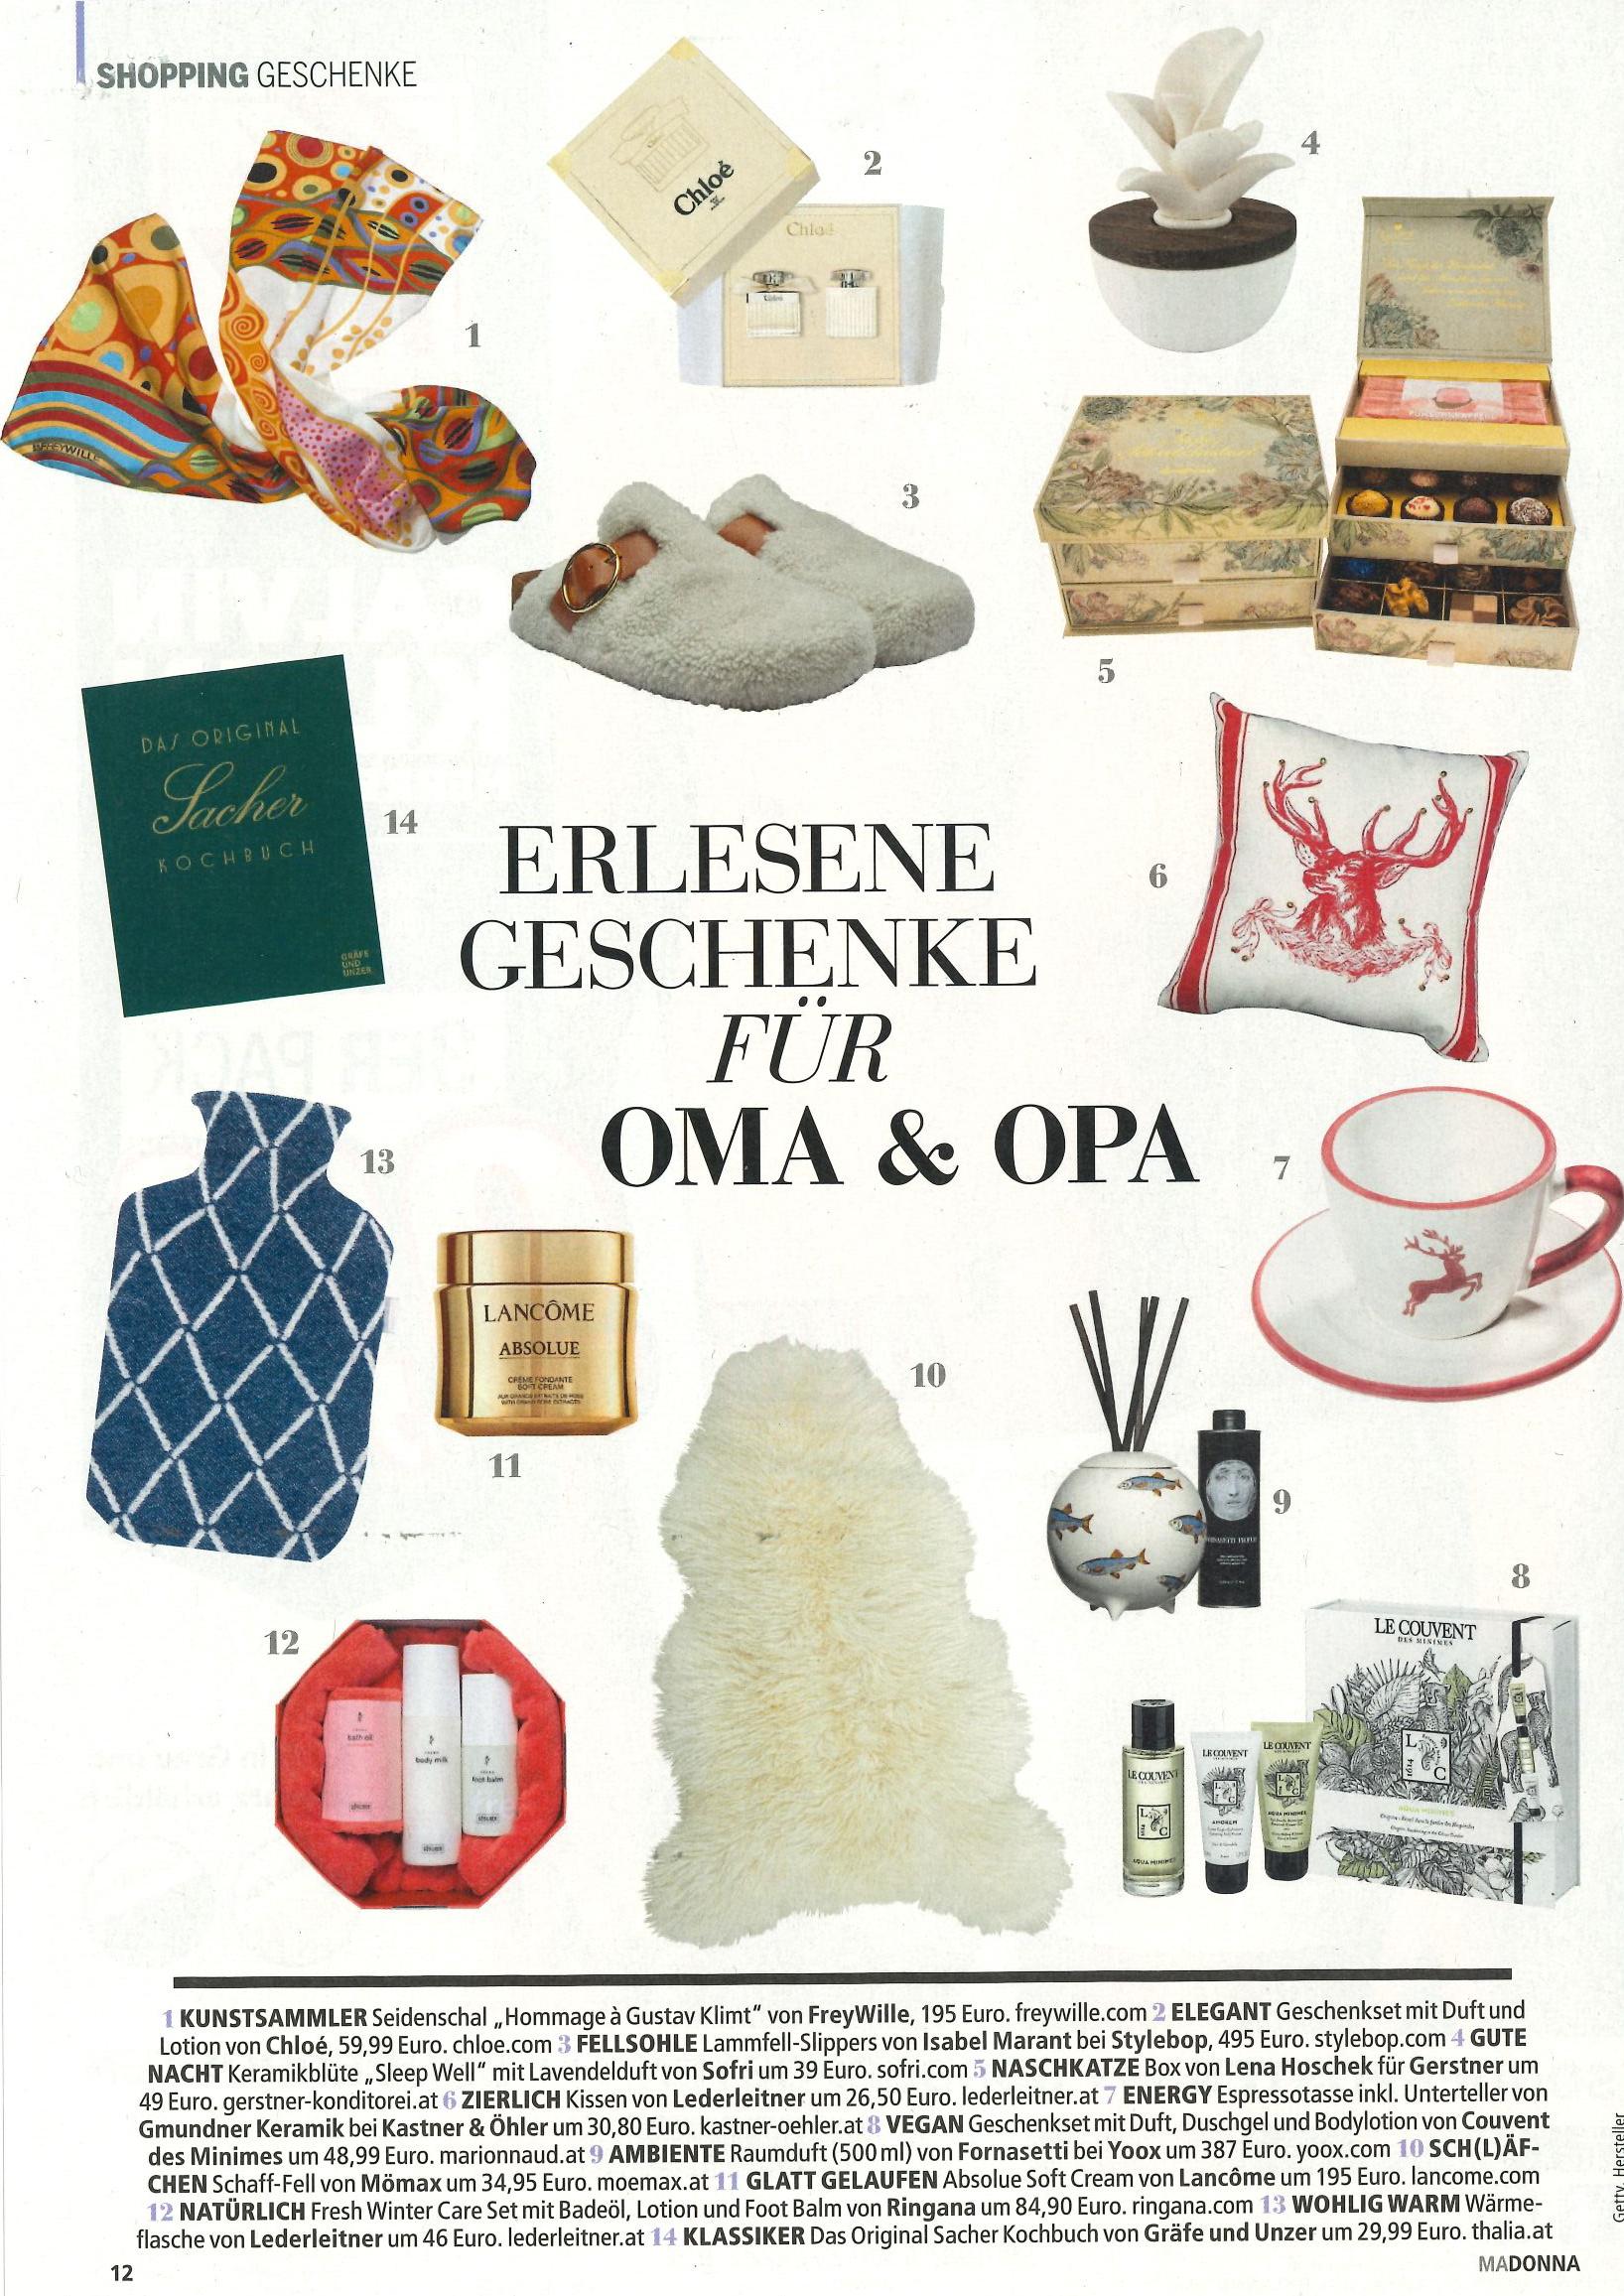 Erlesene Geschenke für Oma & Opa, Madonna im Dezember 2018